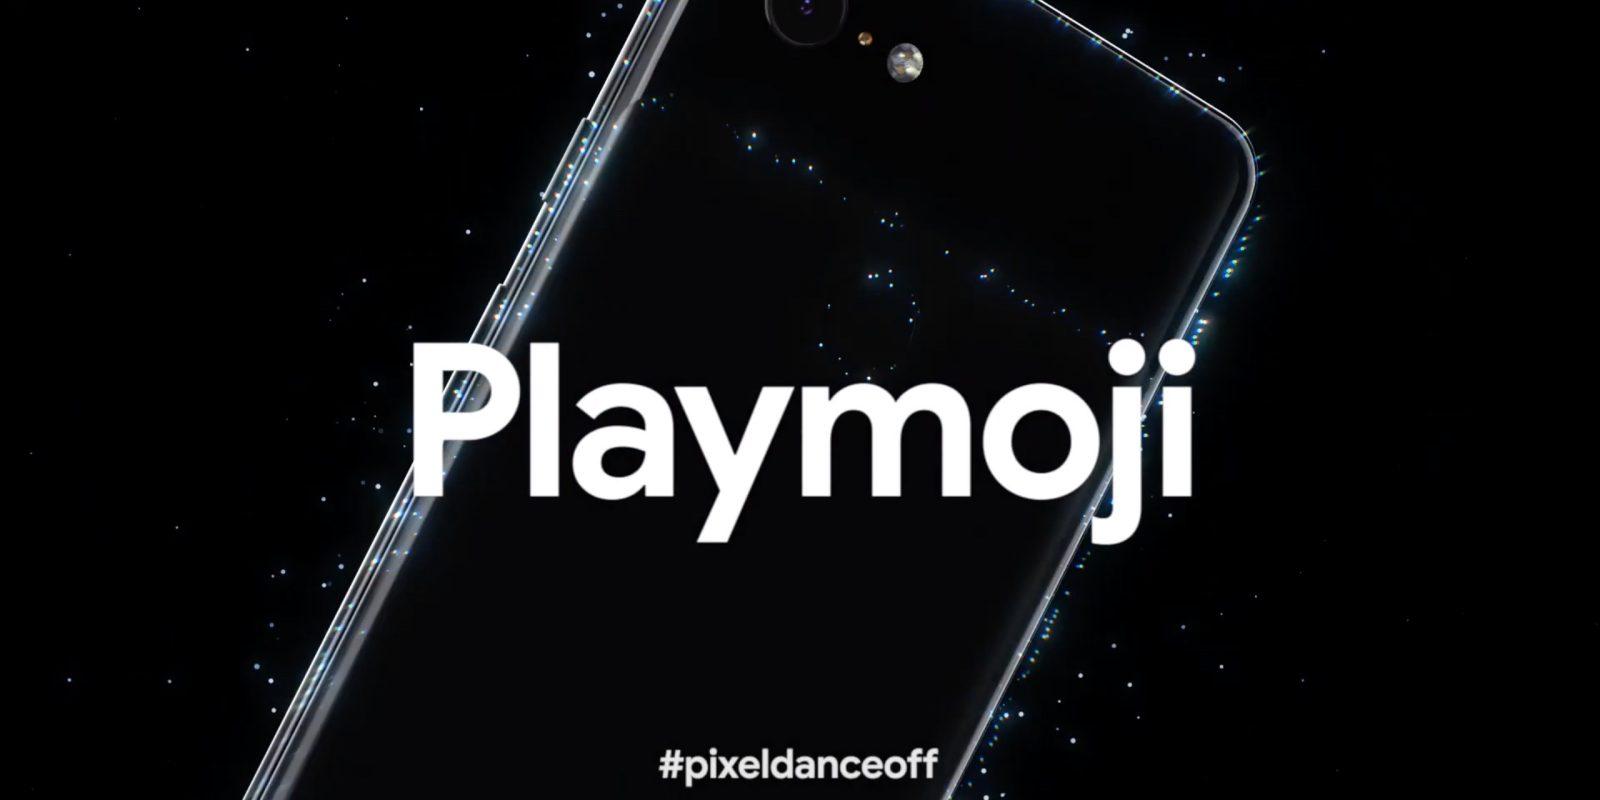 Google airs Pixel 3 Playmoji ad w/ Childish Gambino [Video] - 9to5Google